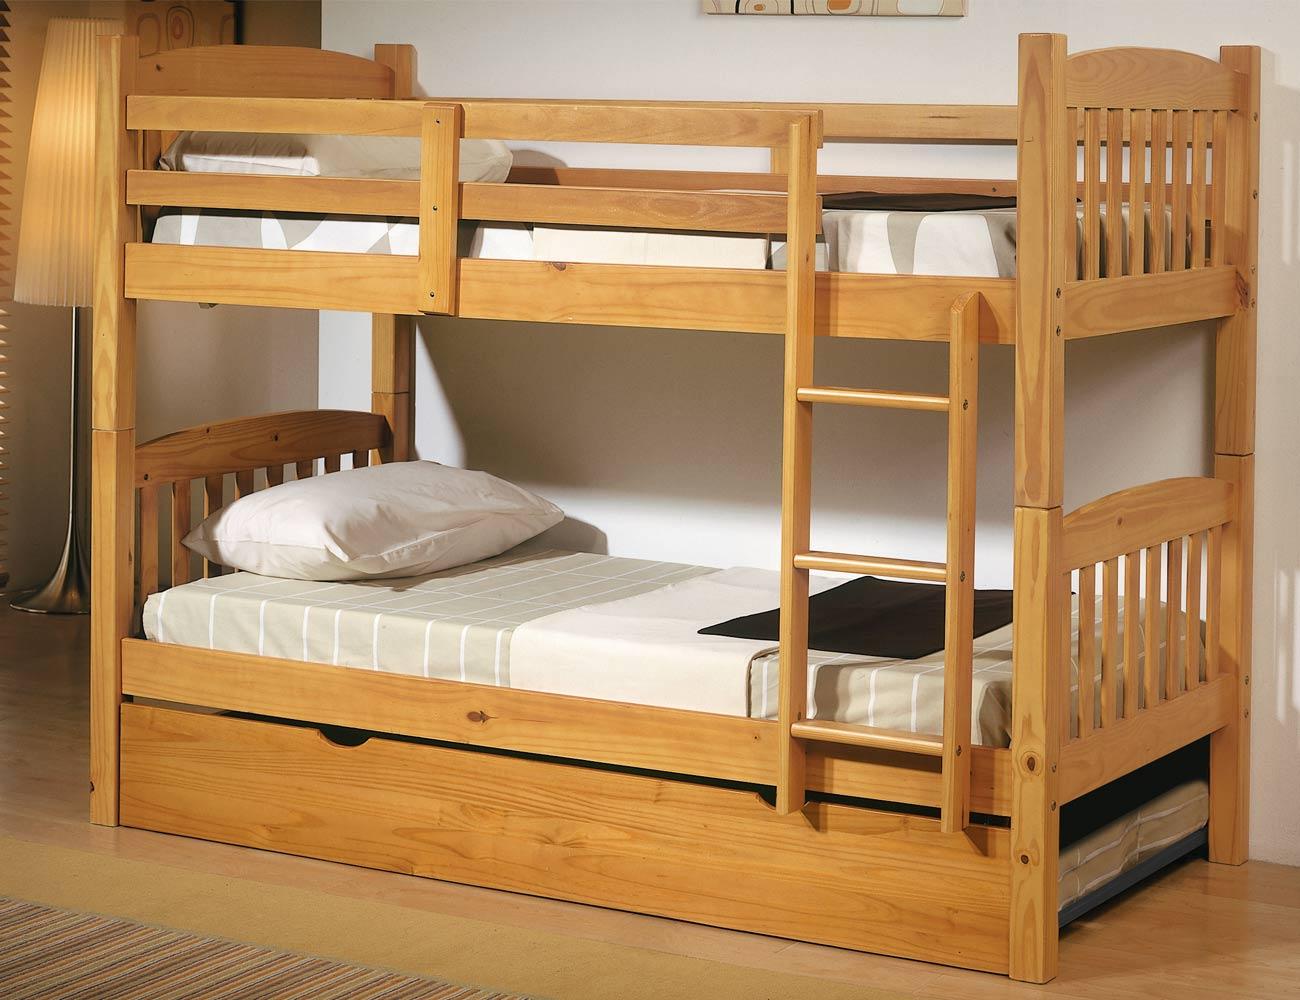 Cama litera dormitorio juvenil en madera color miel con for Estructura cama nido 105